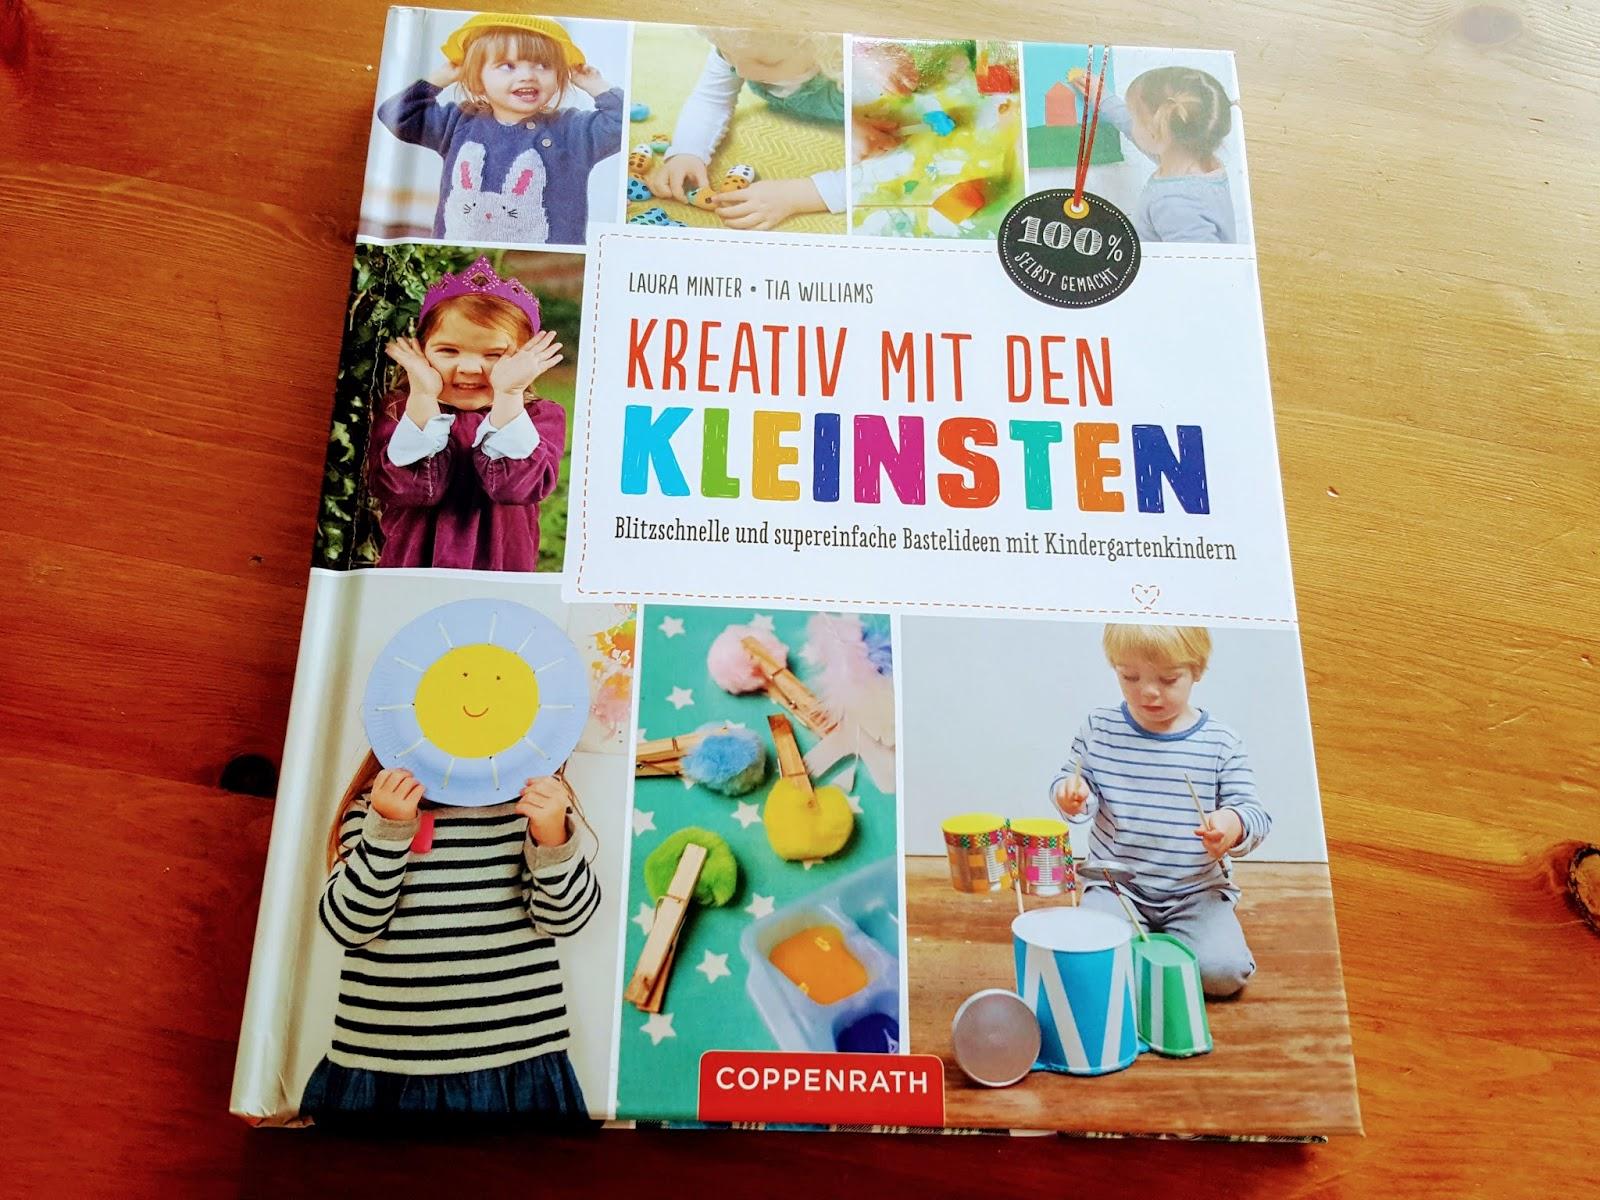 Schön Kindergarten Buch Bericht Vorlage Bilder - Entry Level Resume ...